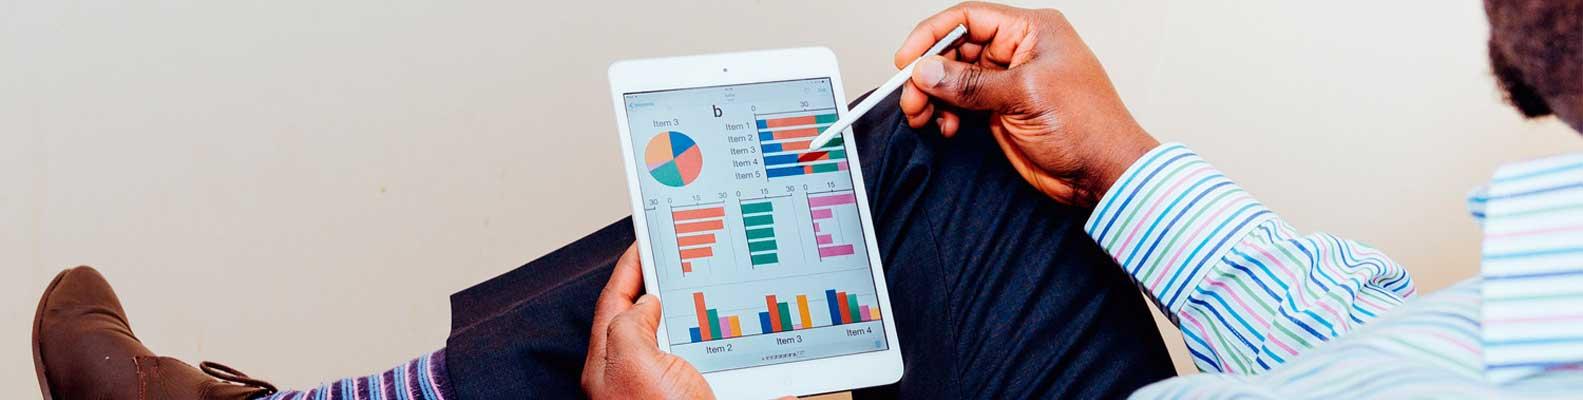 5 razones para optar por un servicio contable en Bogotá